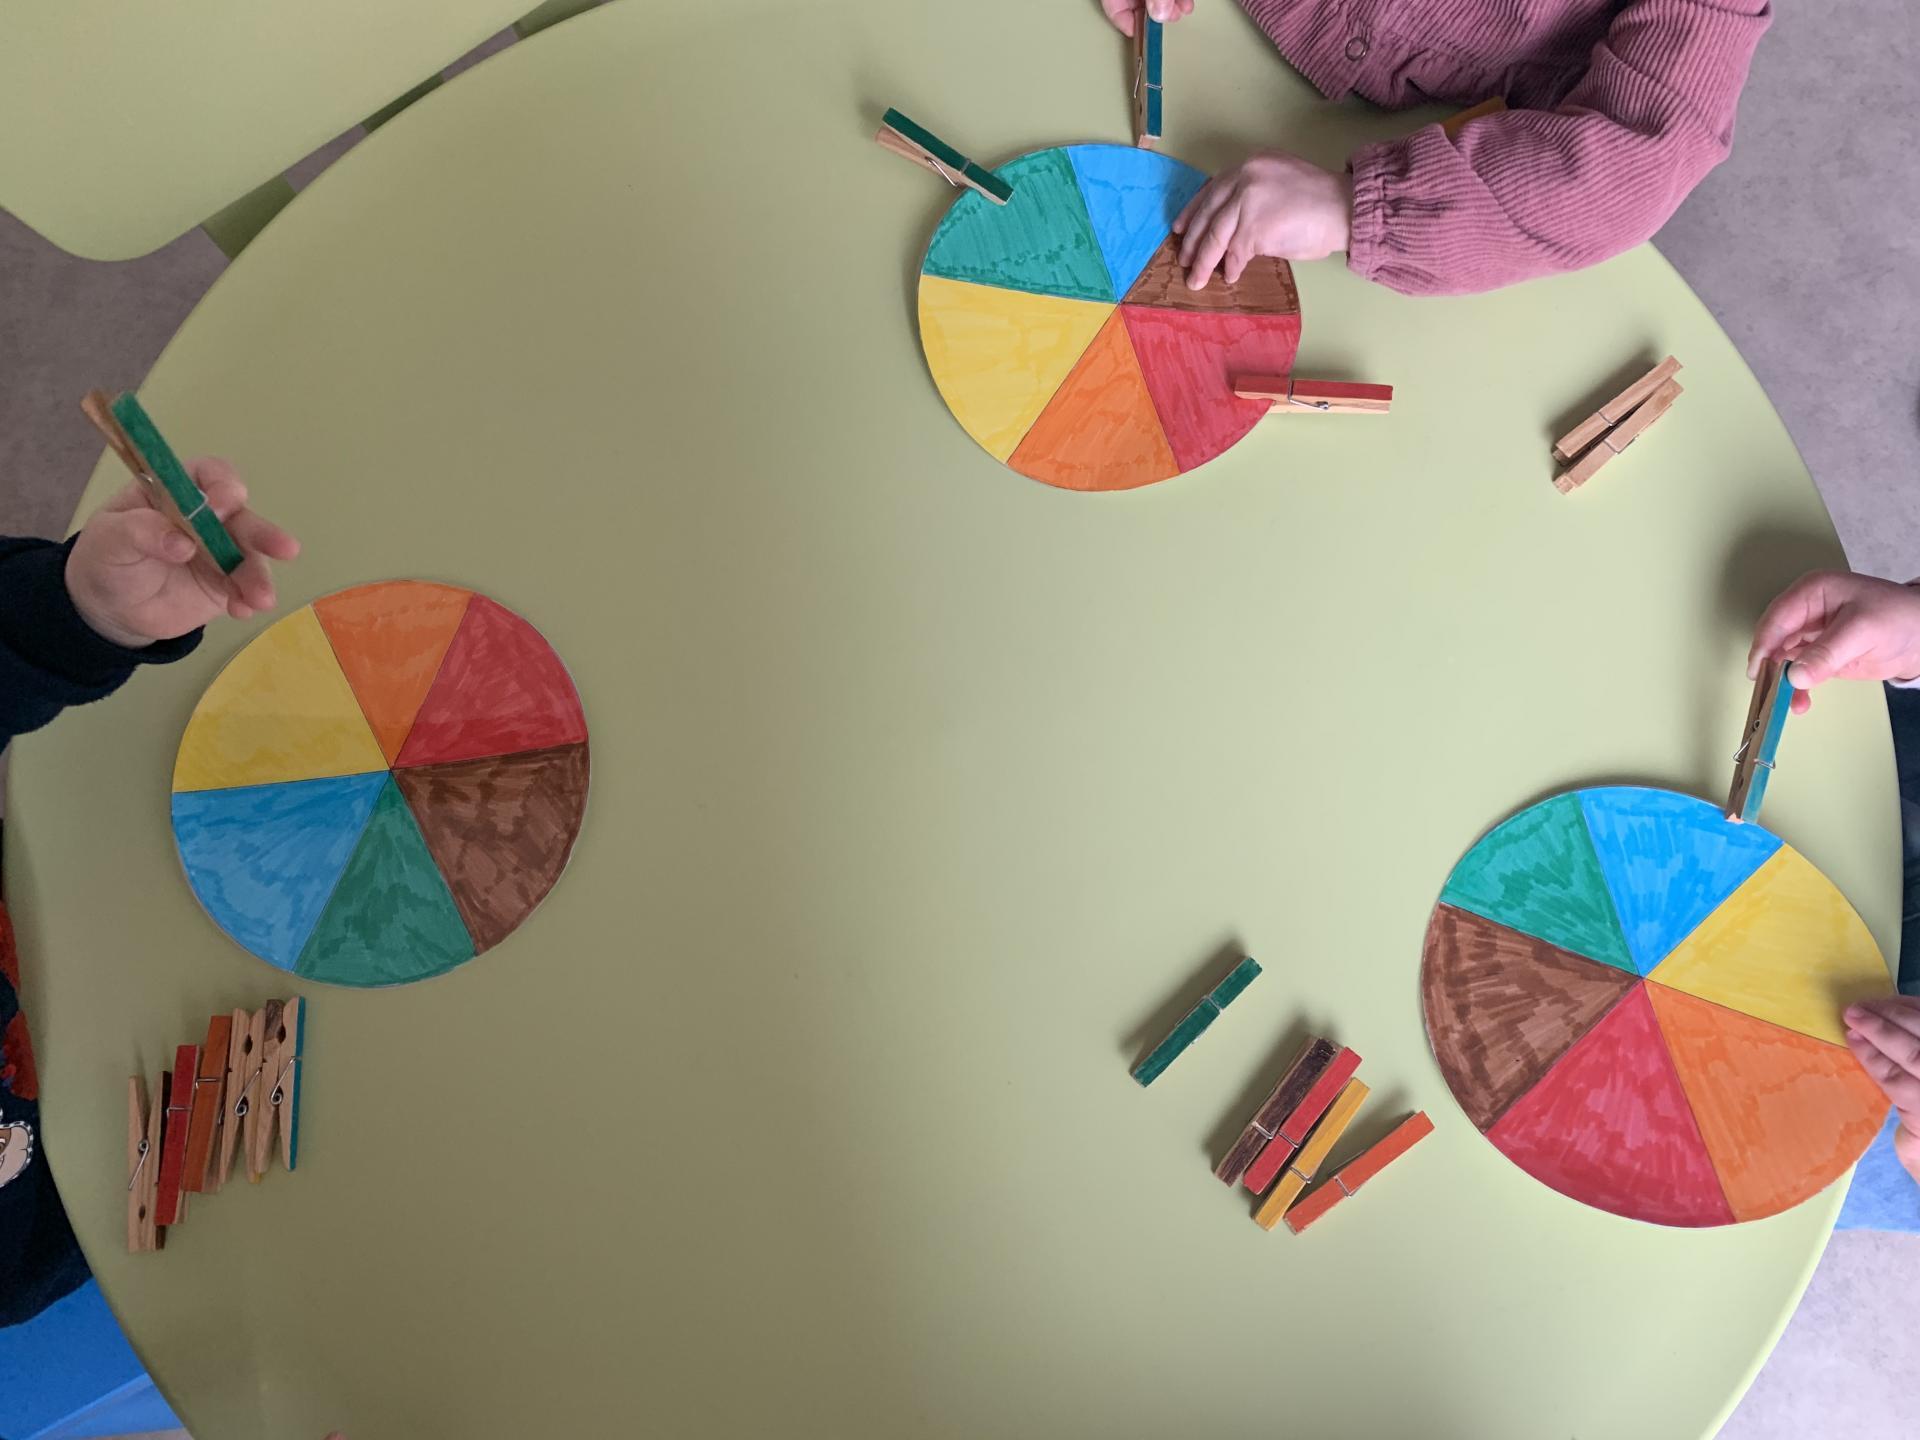 Activité Montessori autour des couleurs et de la préhension